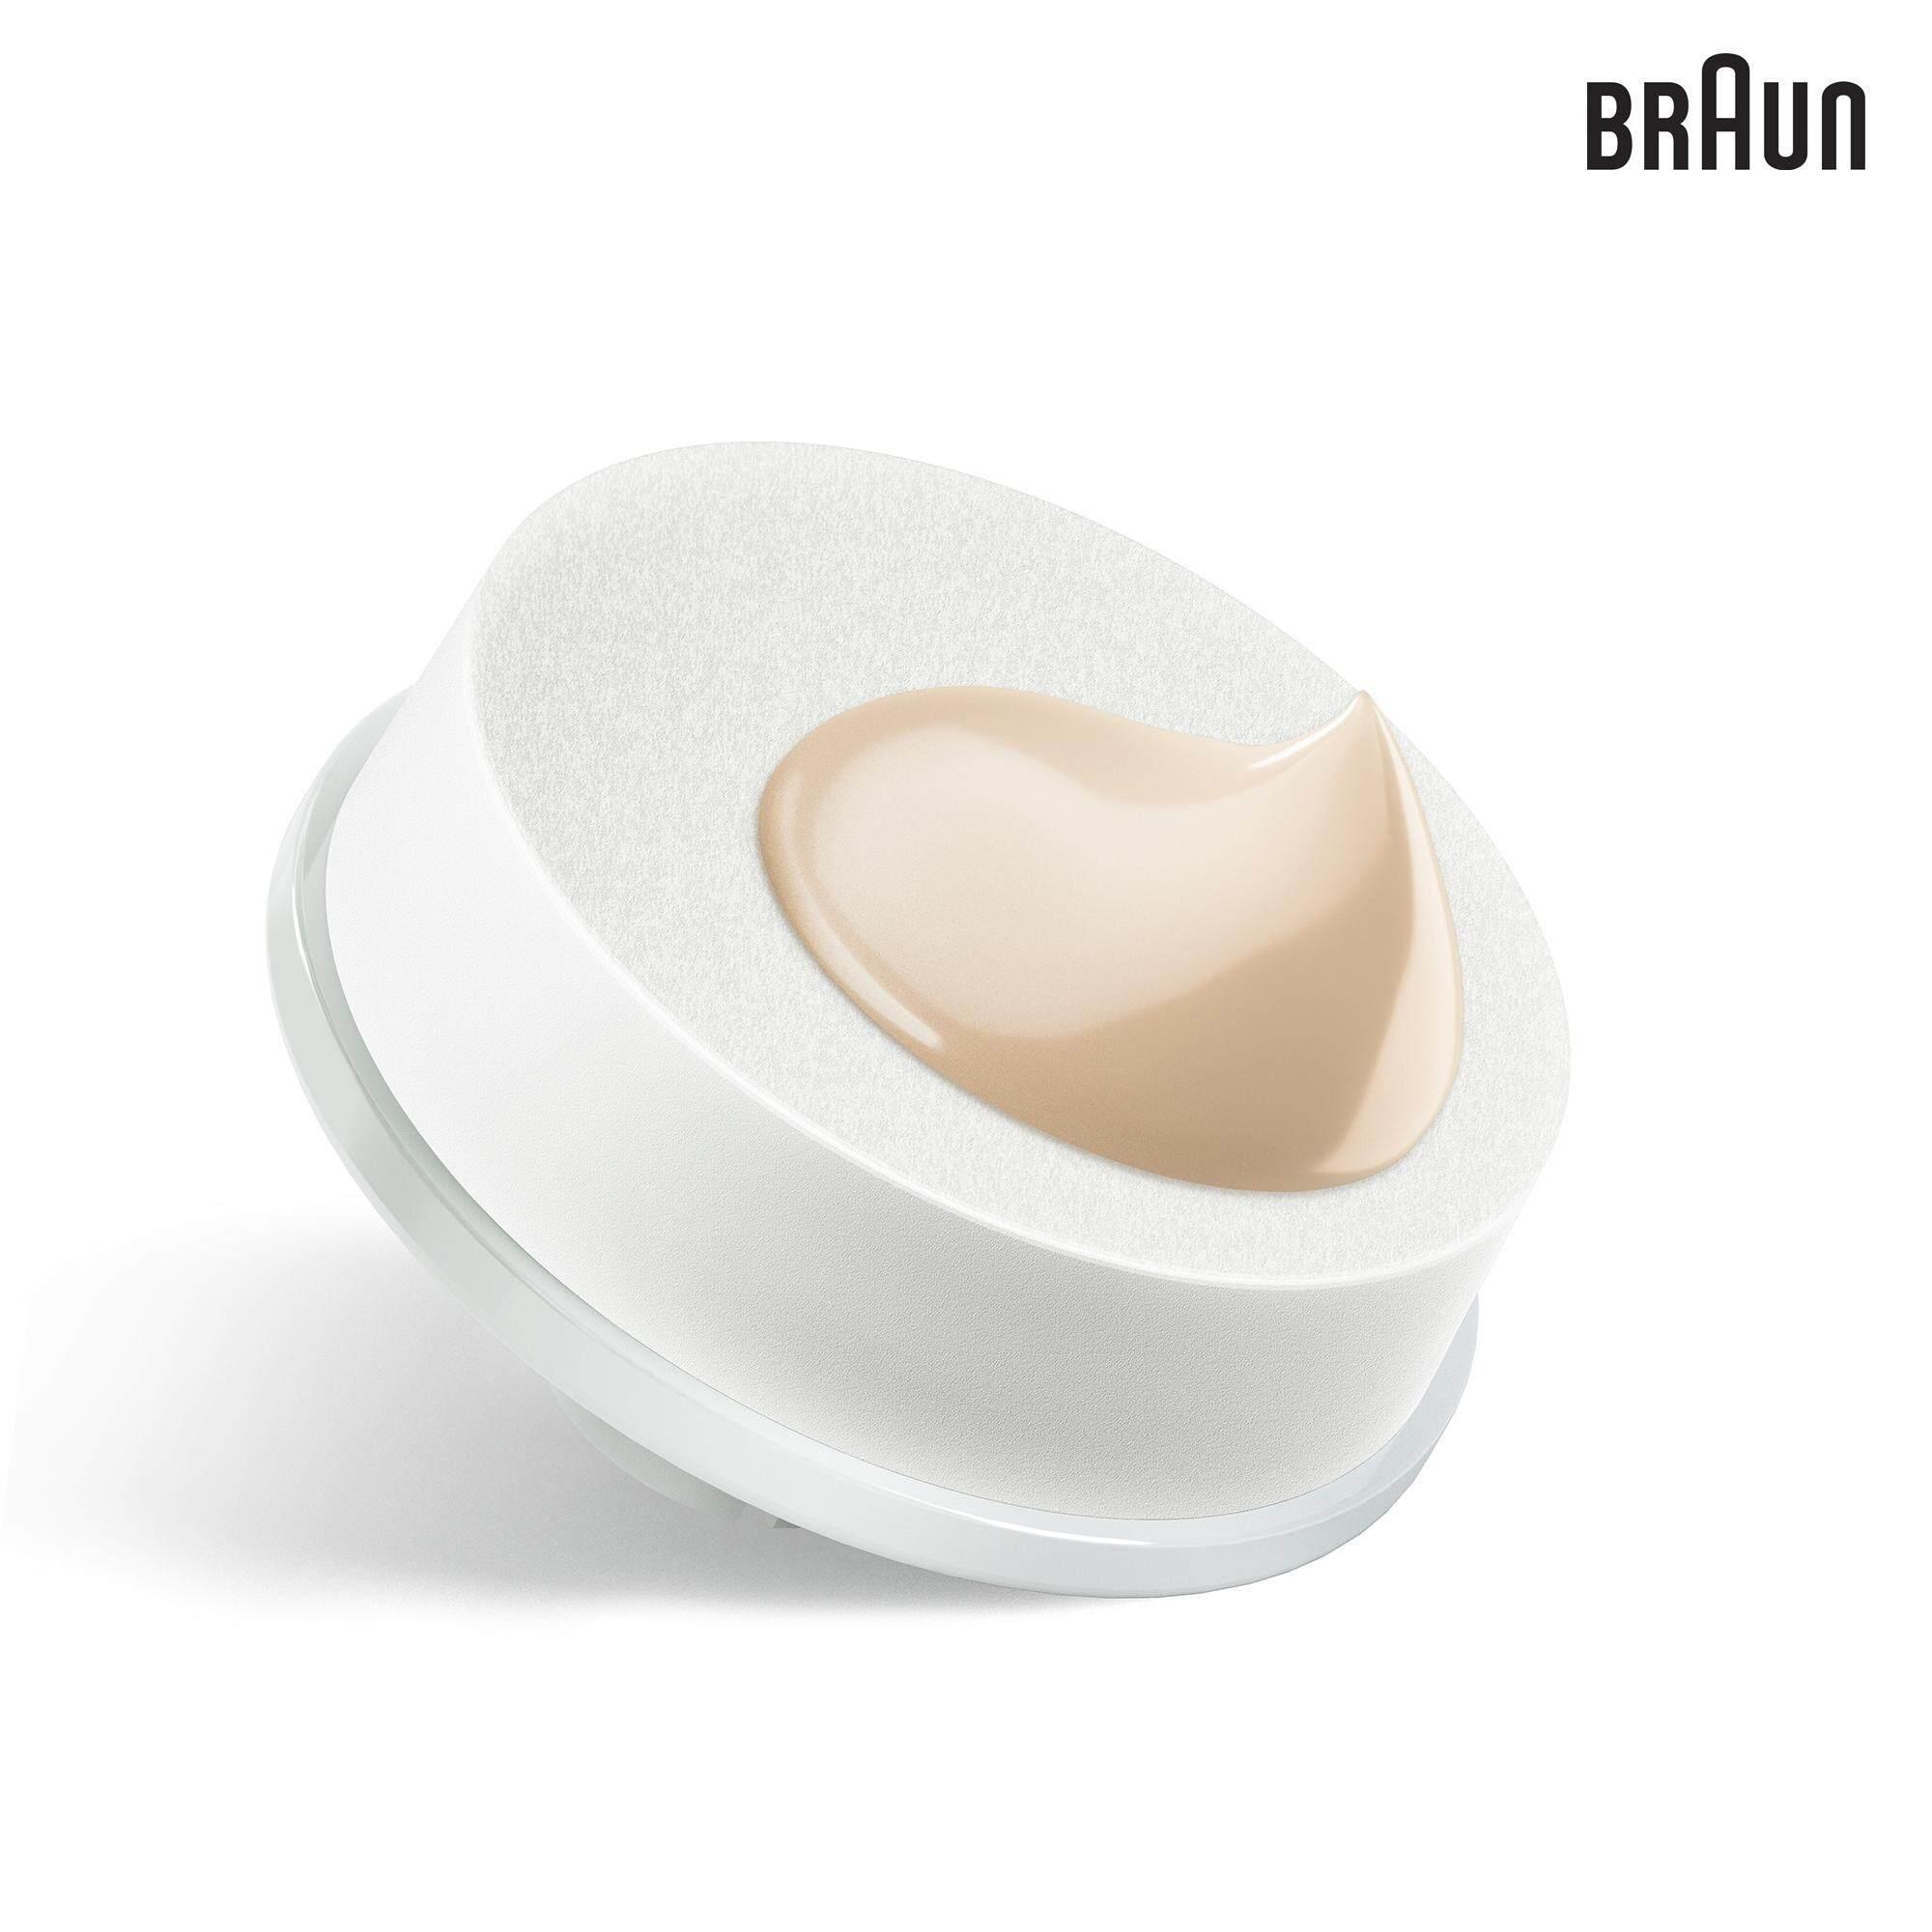 Braun Face 80-b - Pack of 2 Beauty Sponge Refills - designed for Braun Face Cleansing Brush